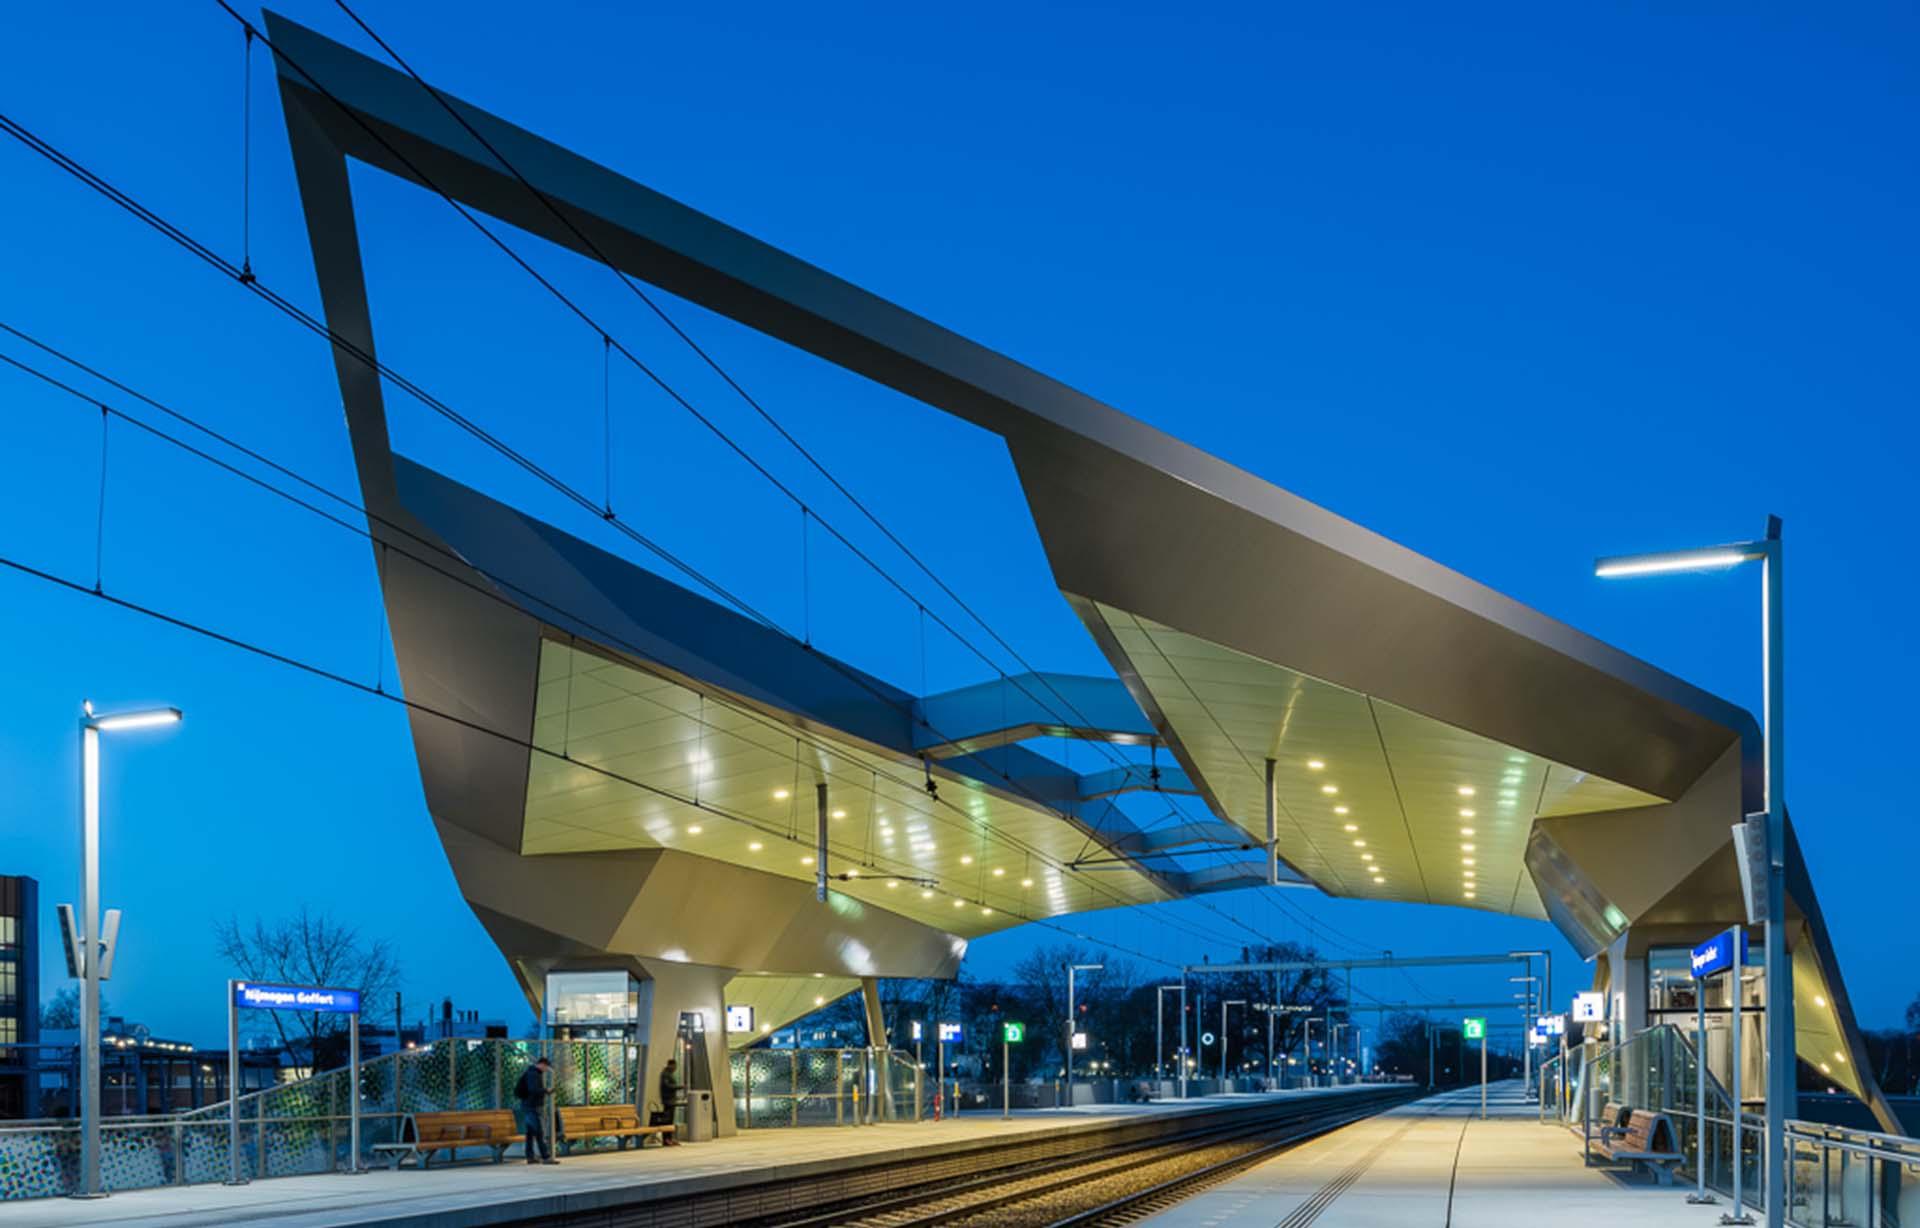 station Nijmegen Goffert